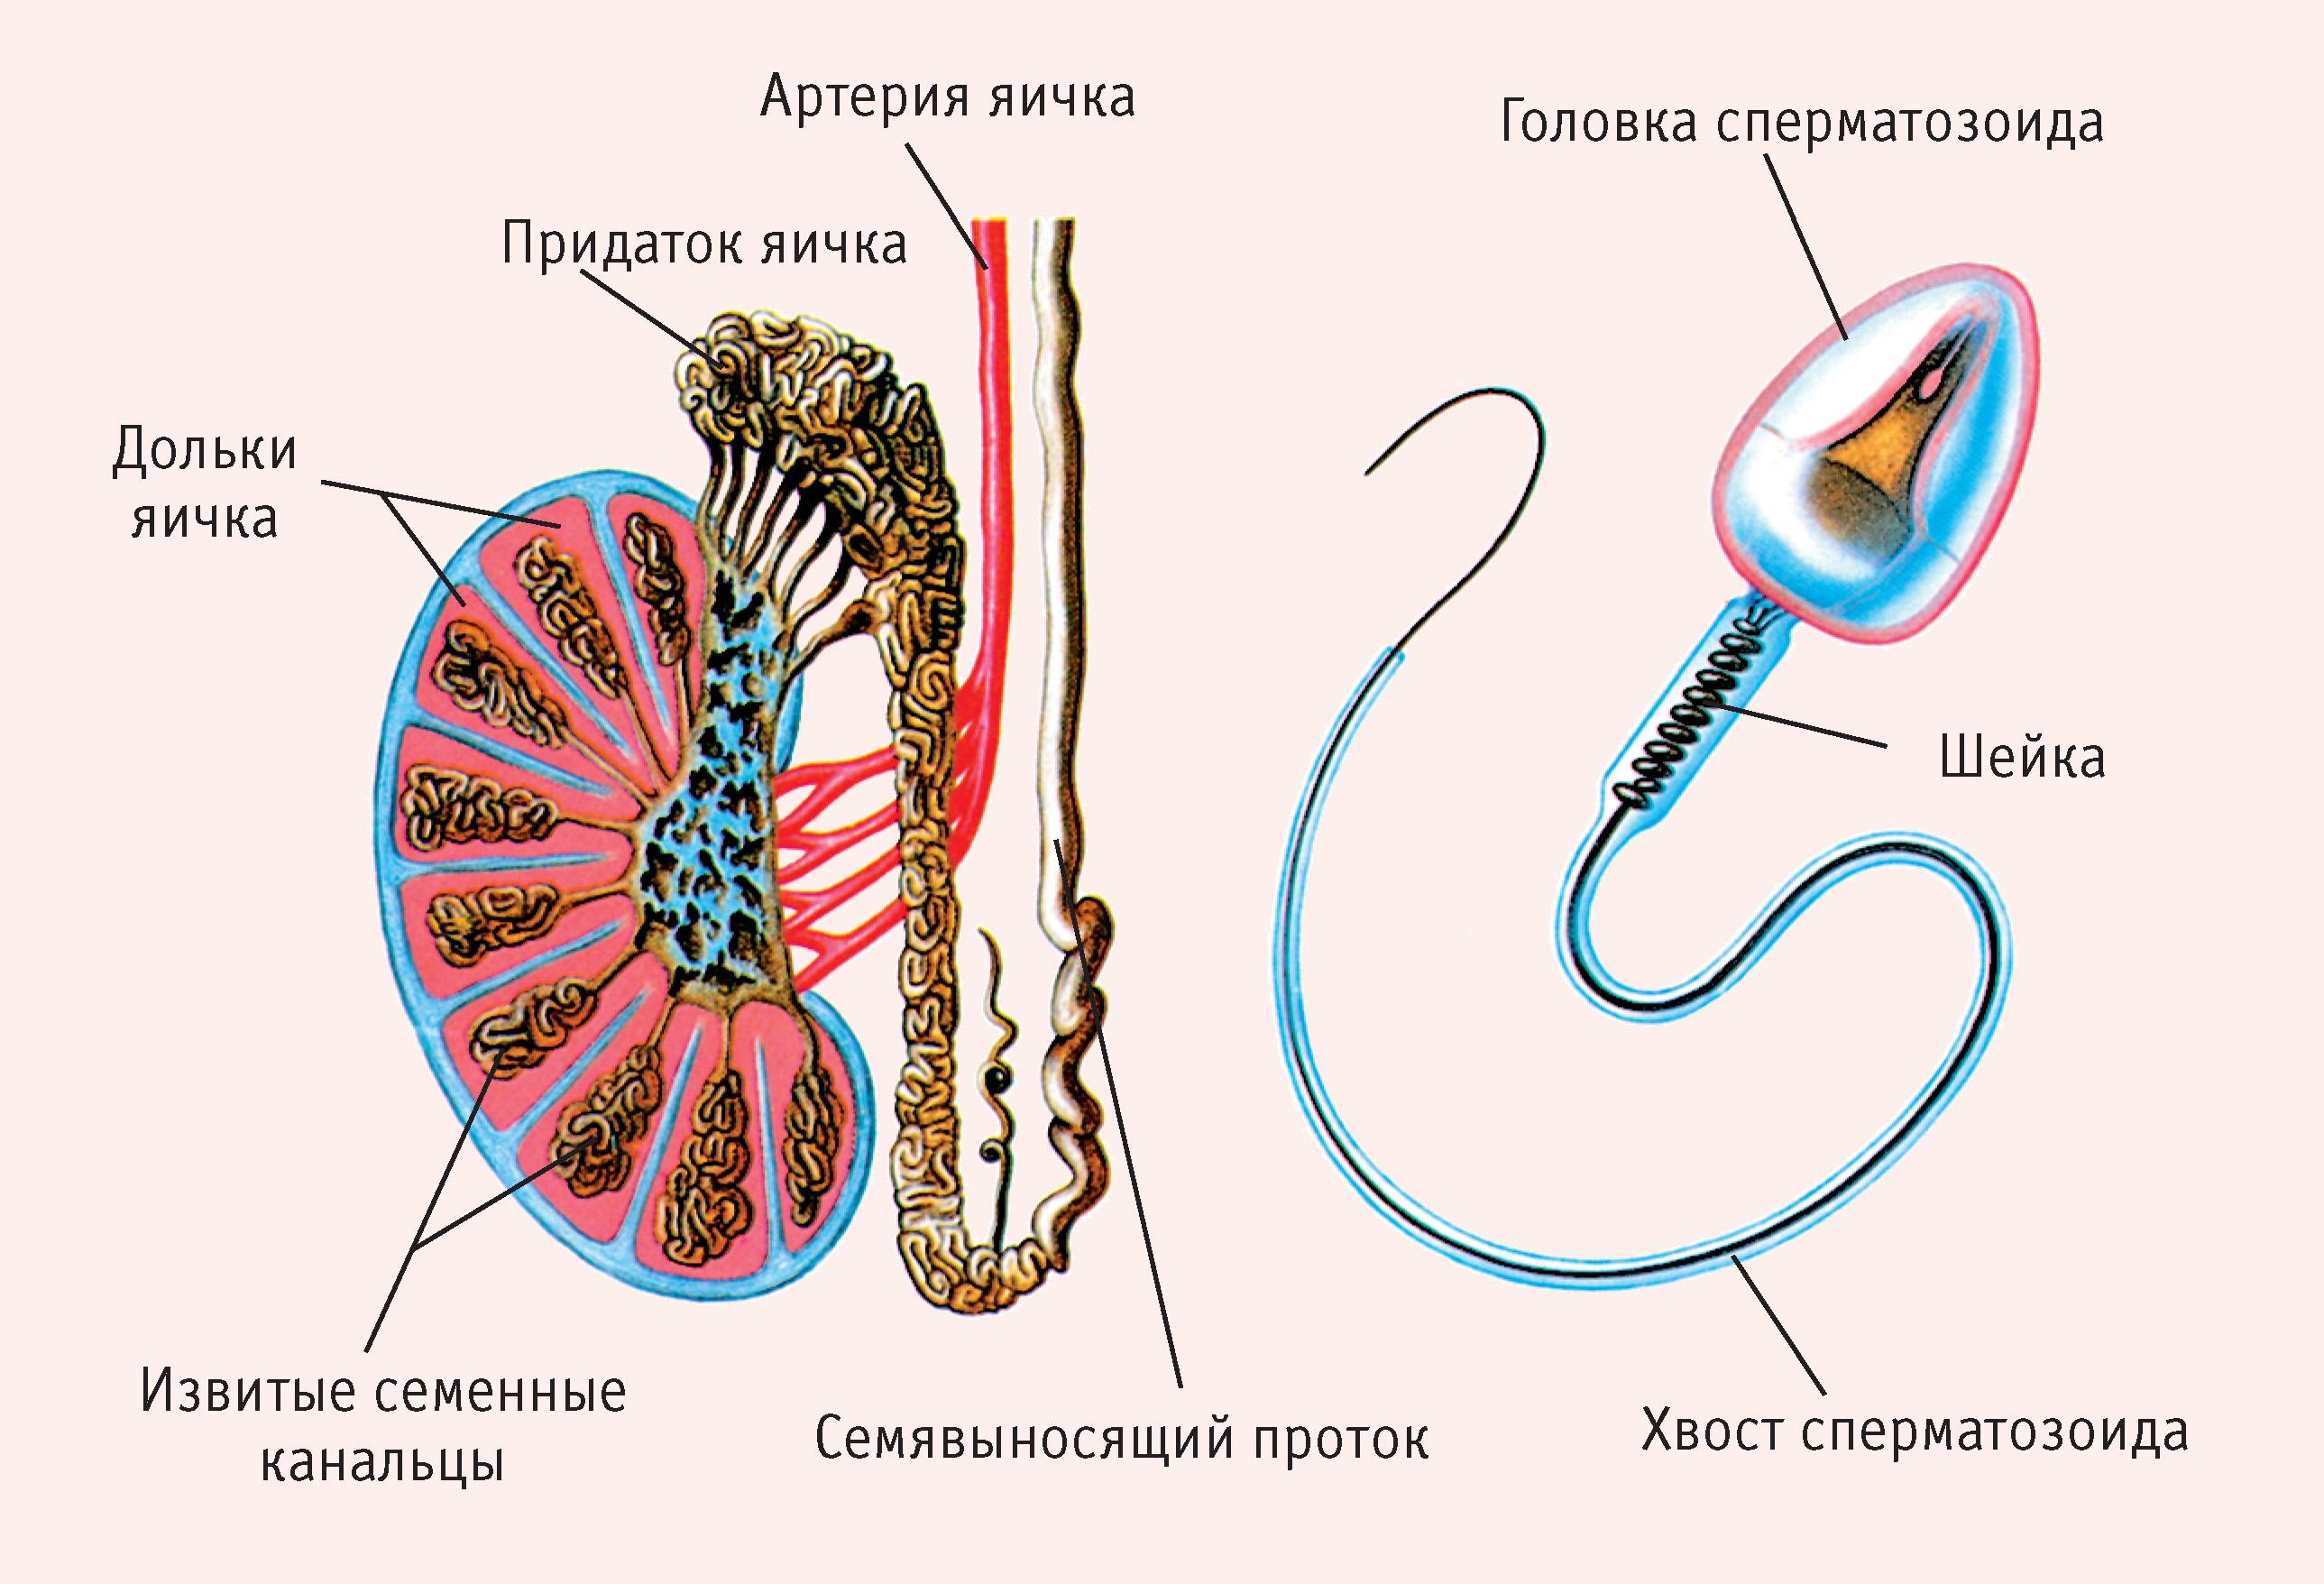 сущность сперматогенеза